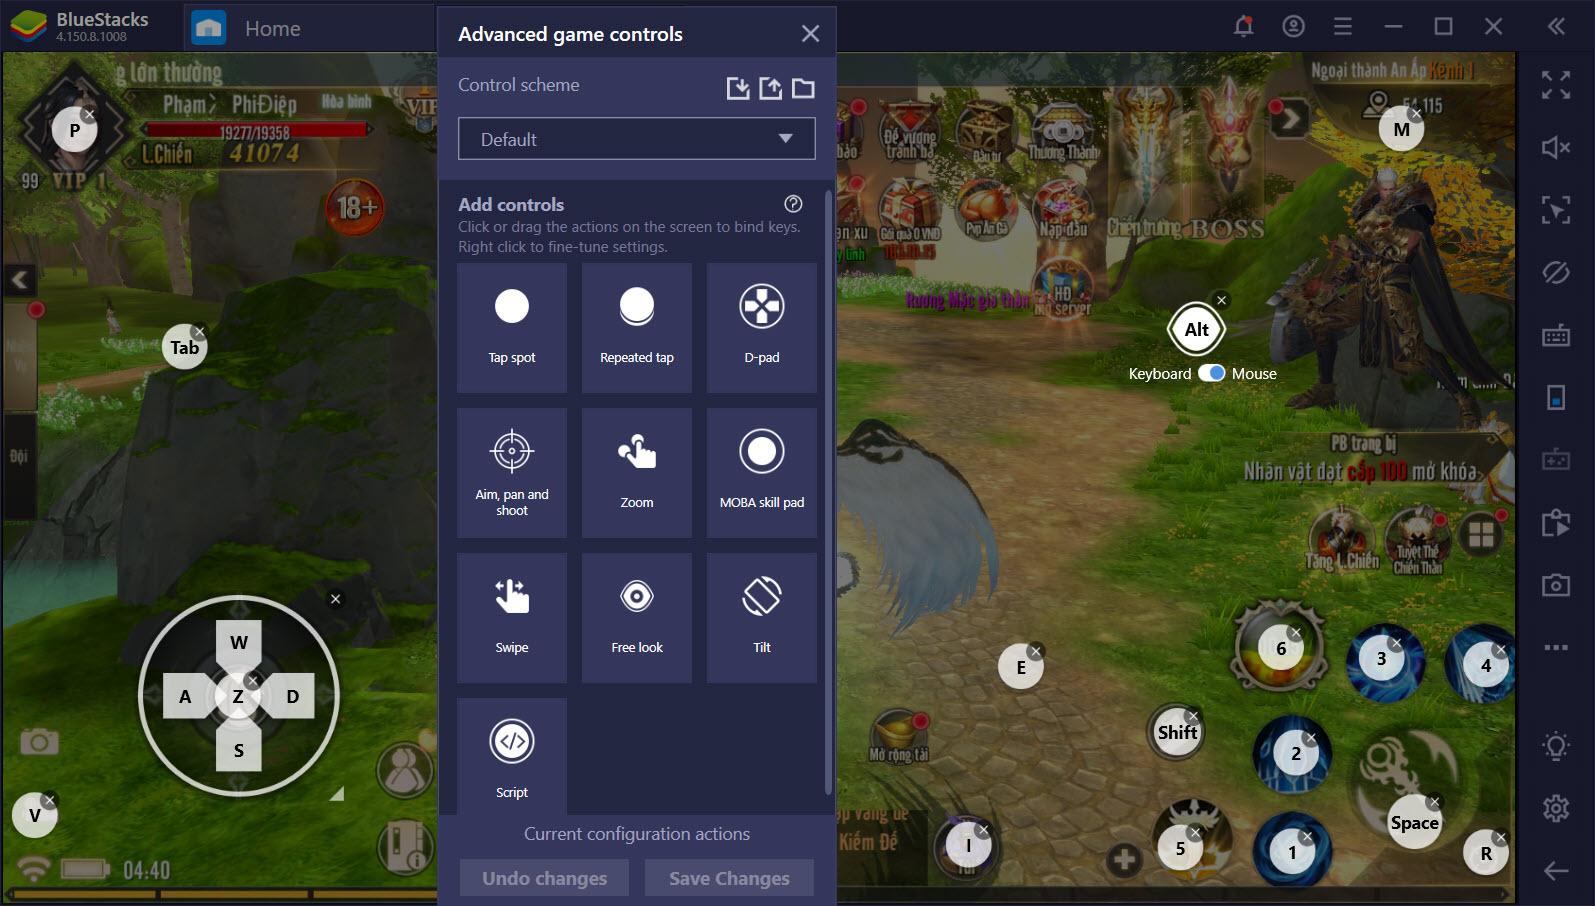 Khám phá Game Control, tính năng được ưu ái trên Kiếm Đế 3D